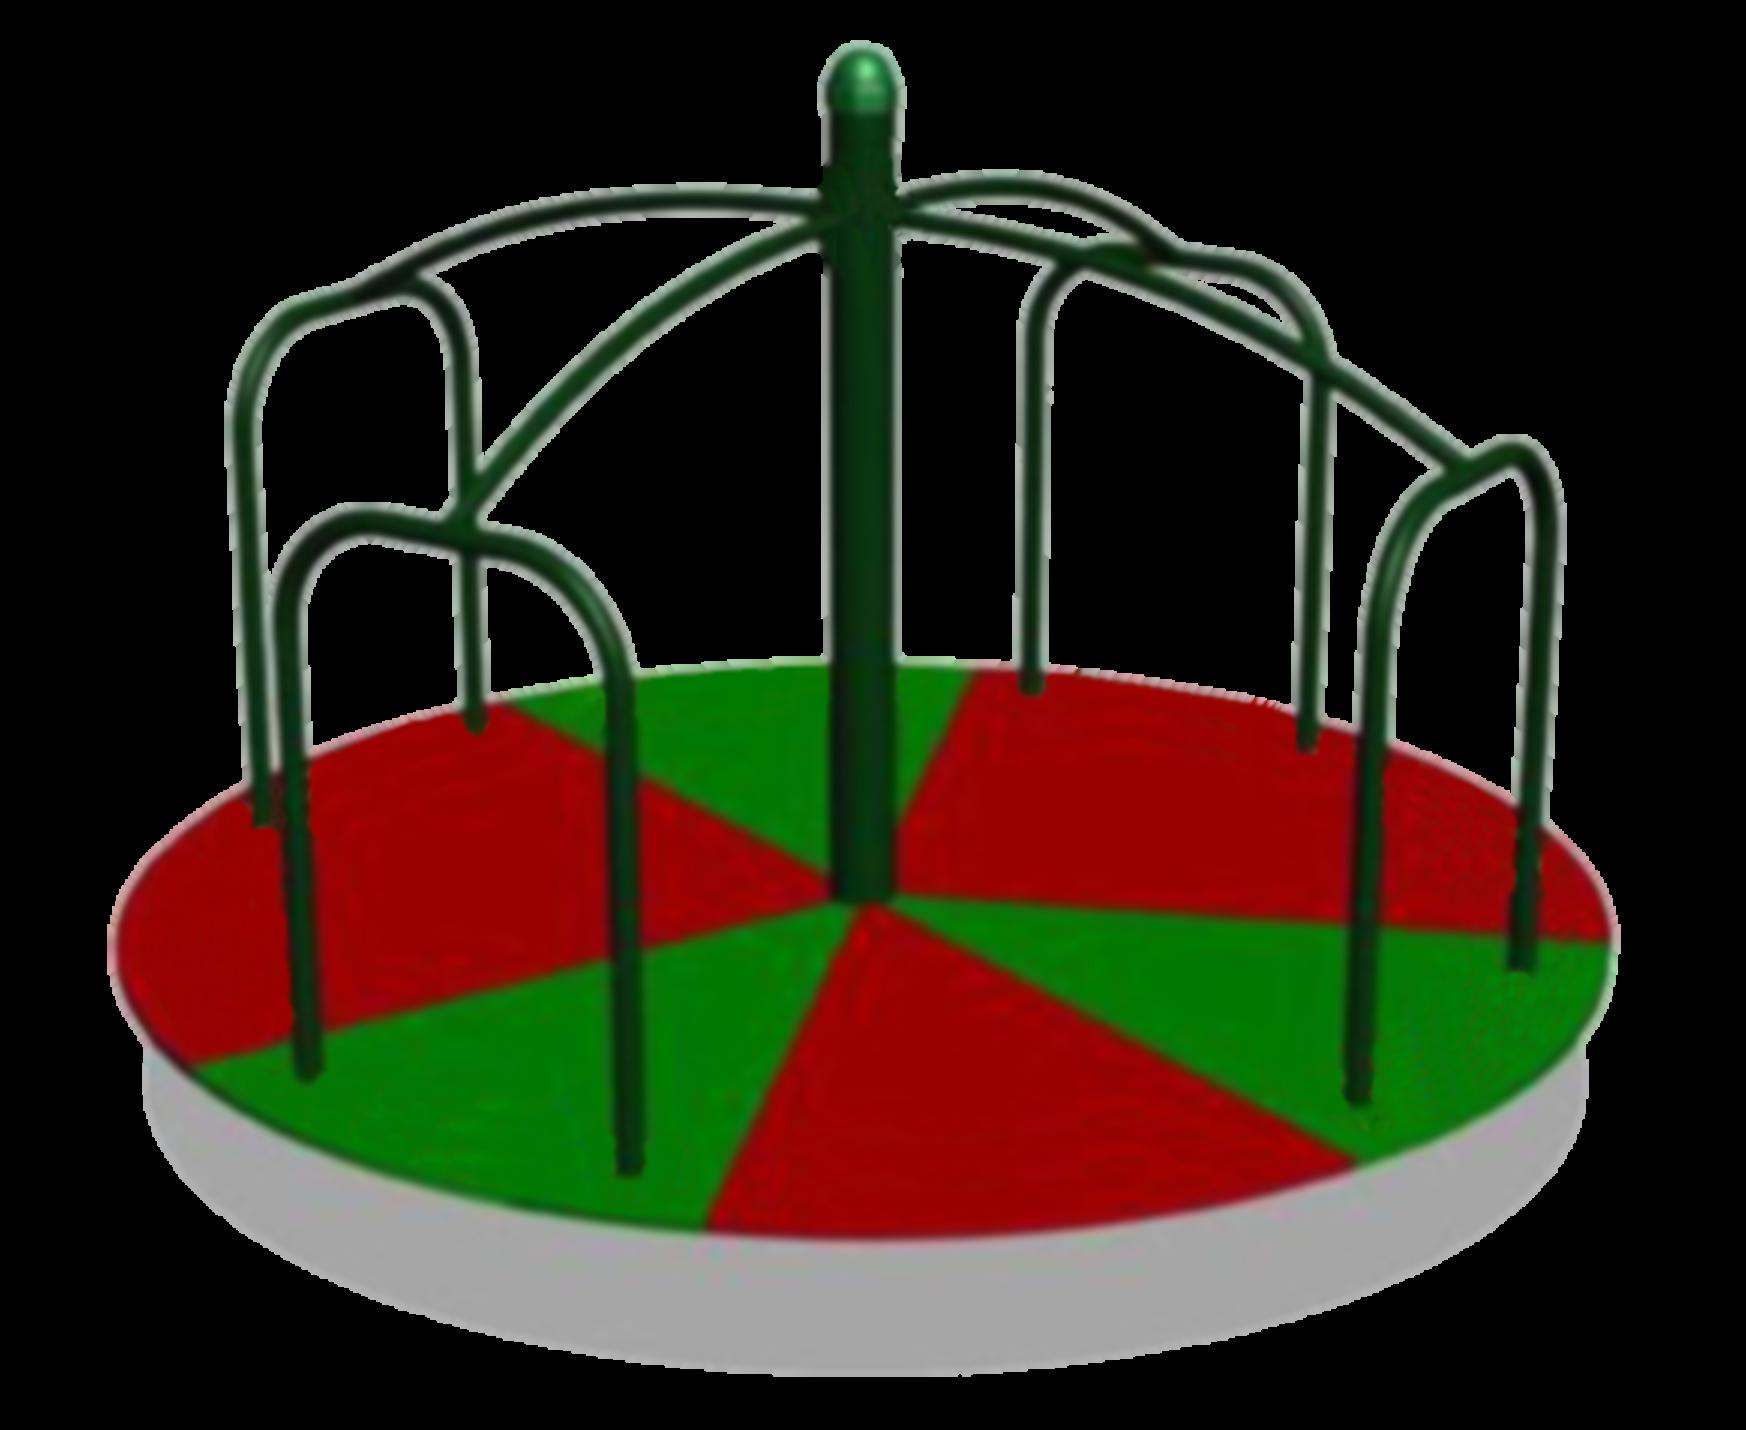 1746x1430 Free Playground Clipart